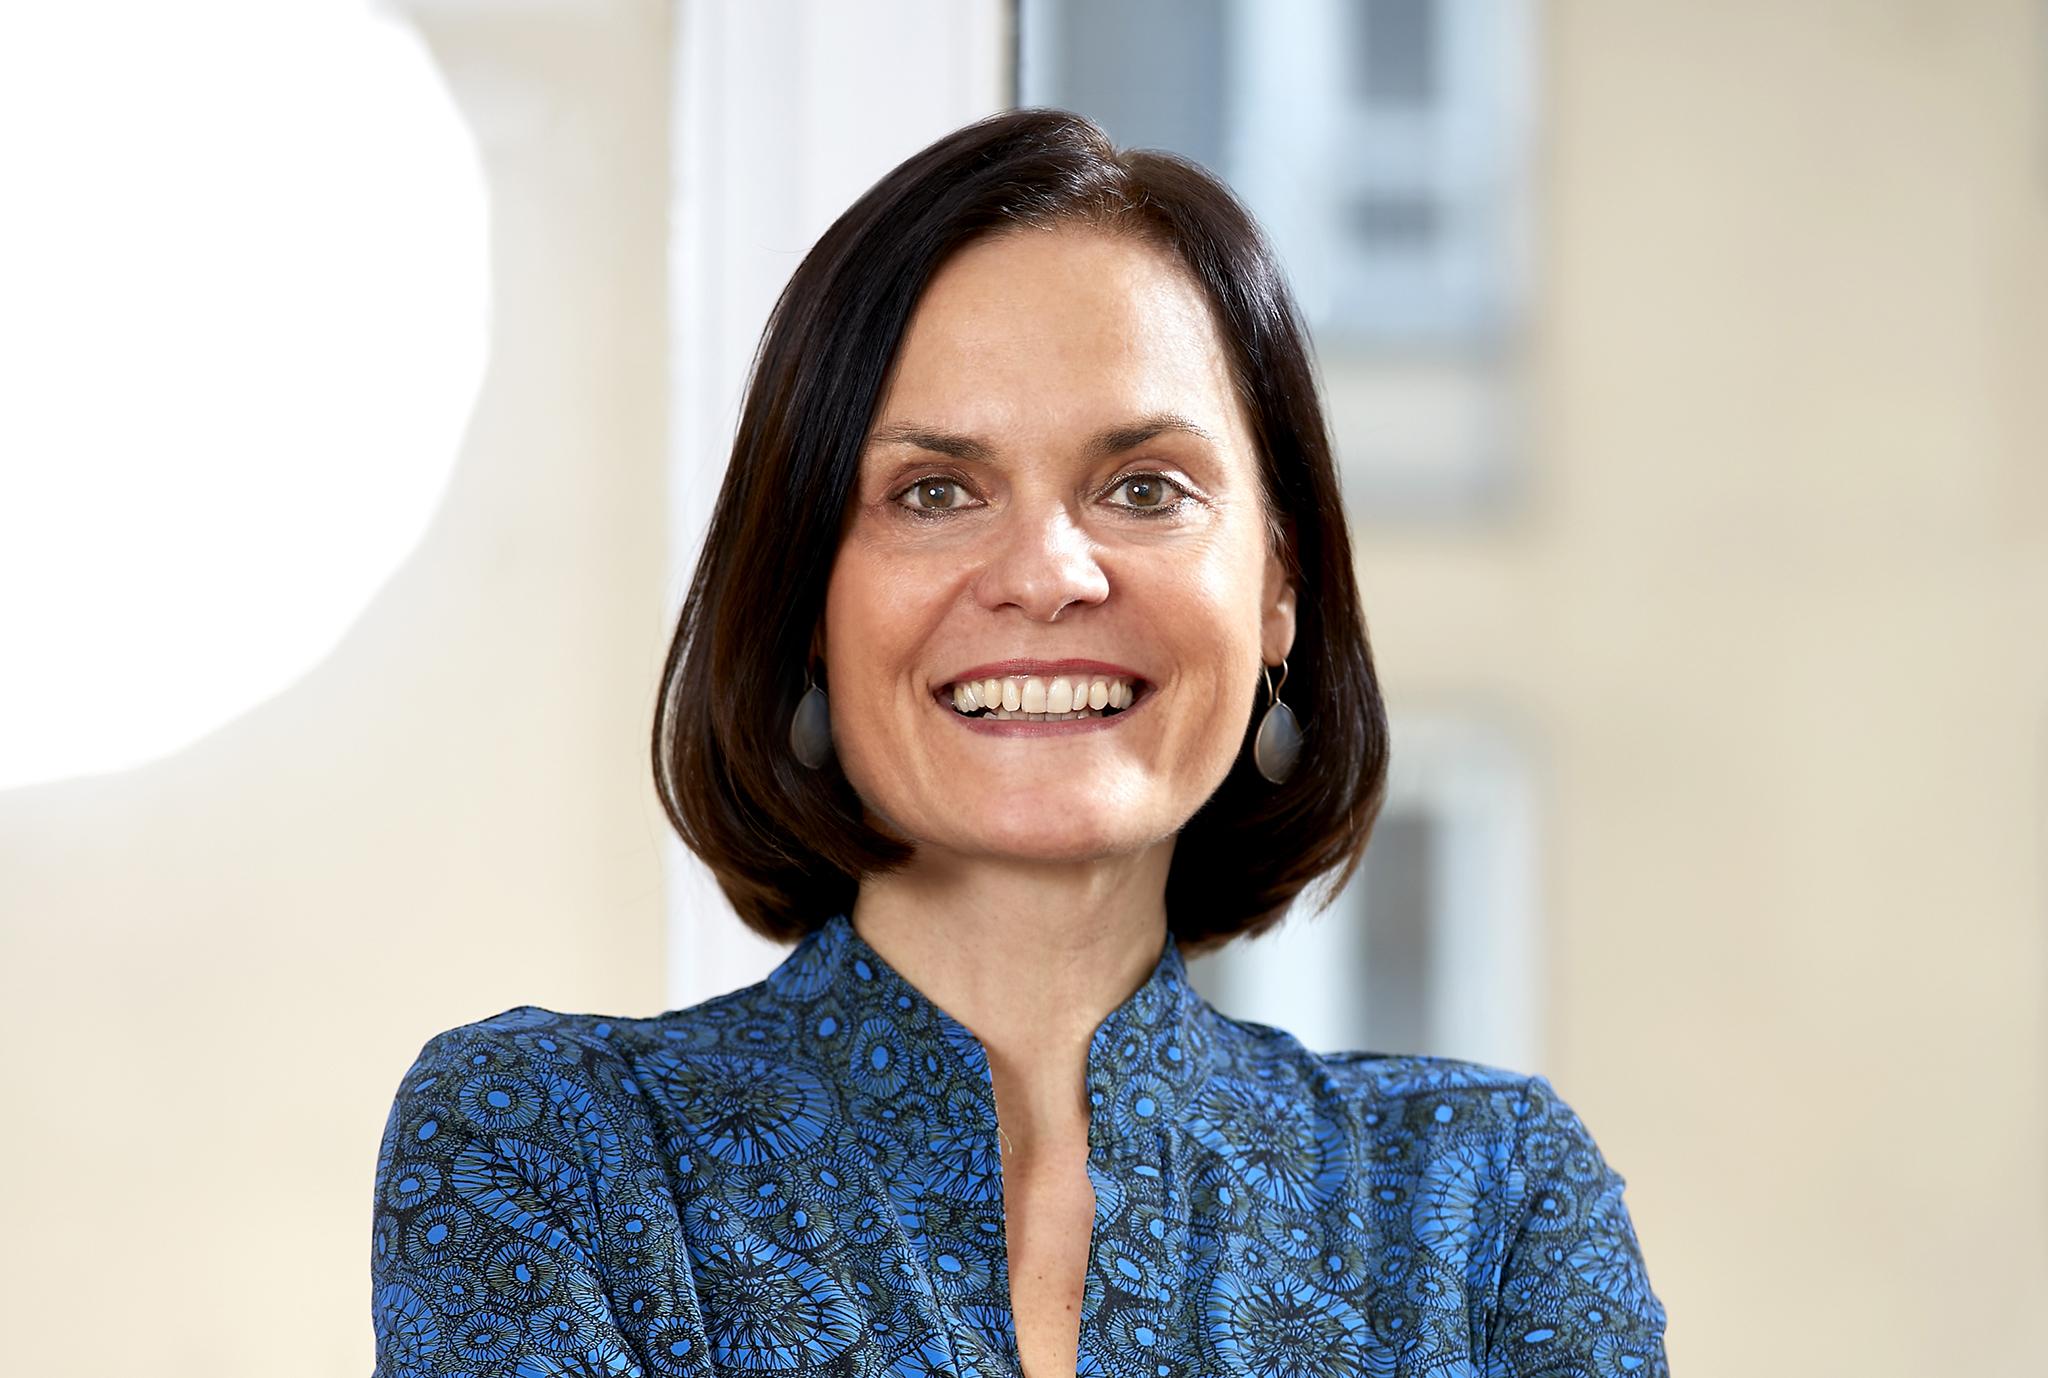 Barbara Huber-Kraus